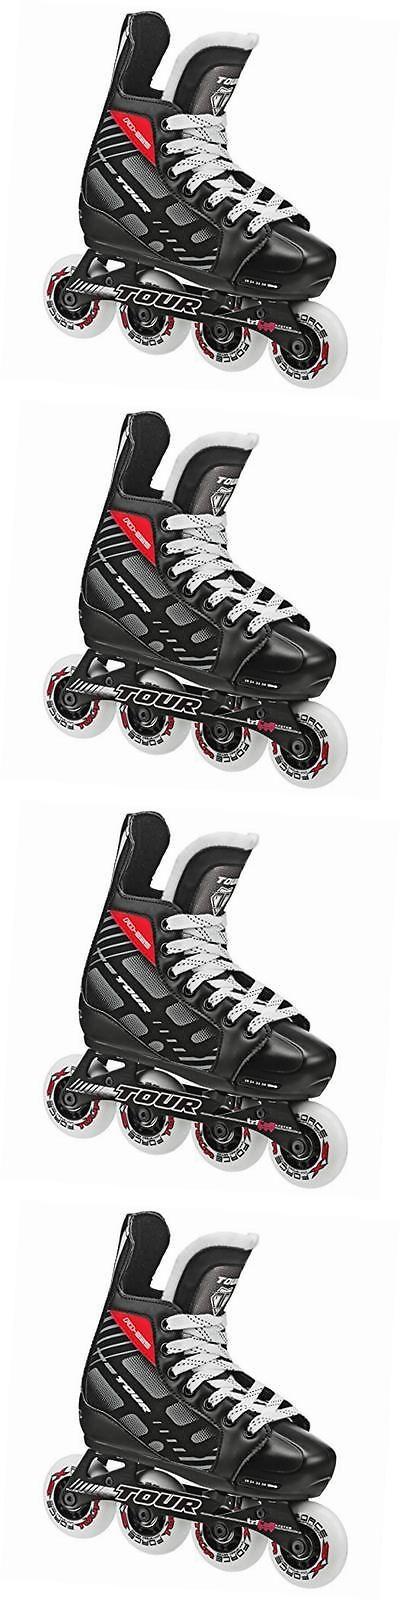 Roller Hockey 64669: Fb-225 Youth Inline Hockey Skates 1-4 New -> BUY IT NOW ONLY: $87.67 on eBay!